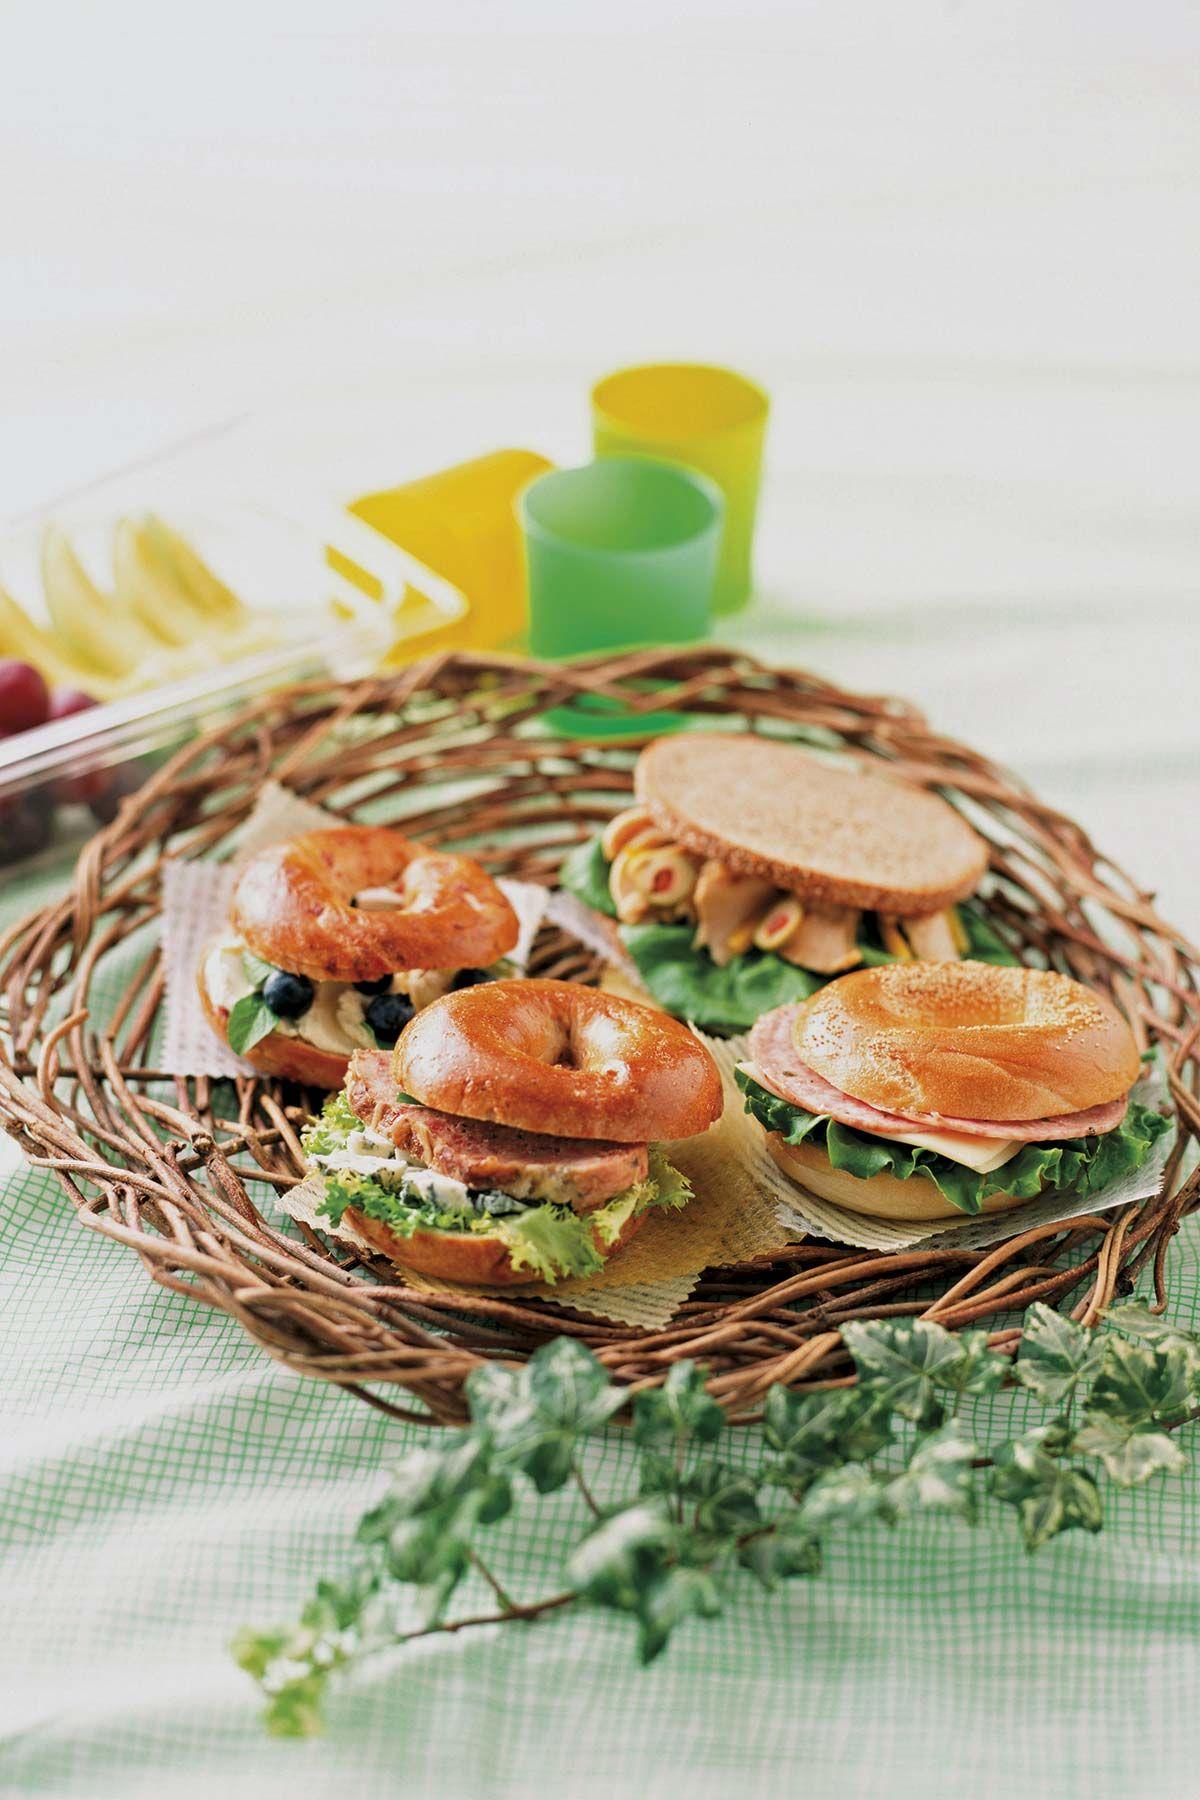 Recetas para picnic: Bagels neoyorquinos